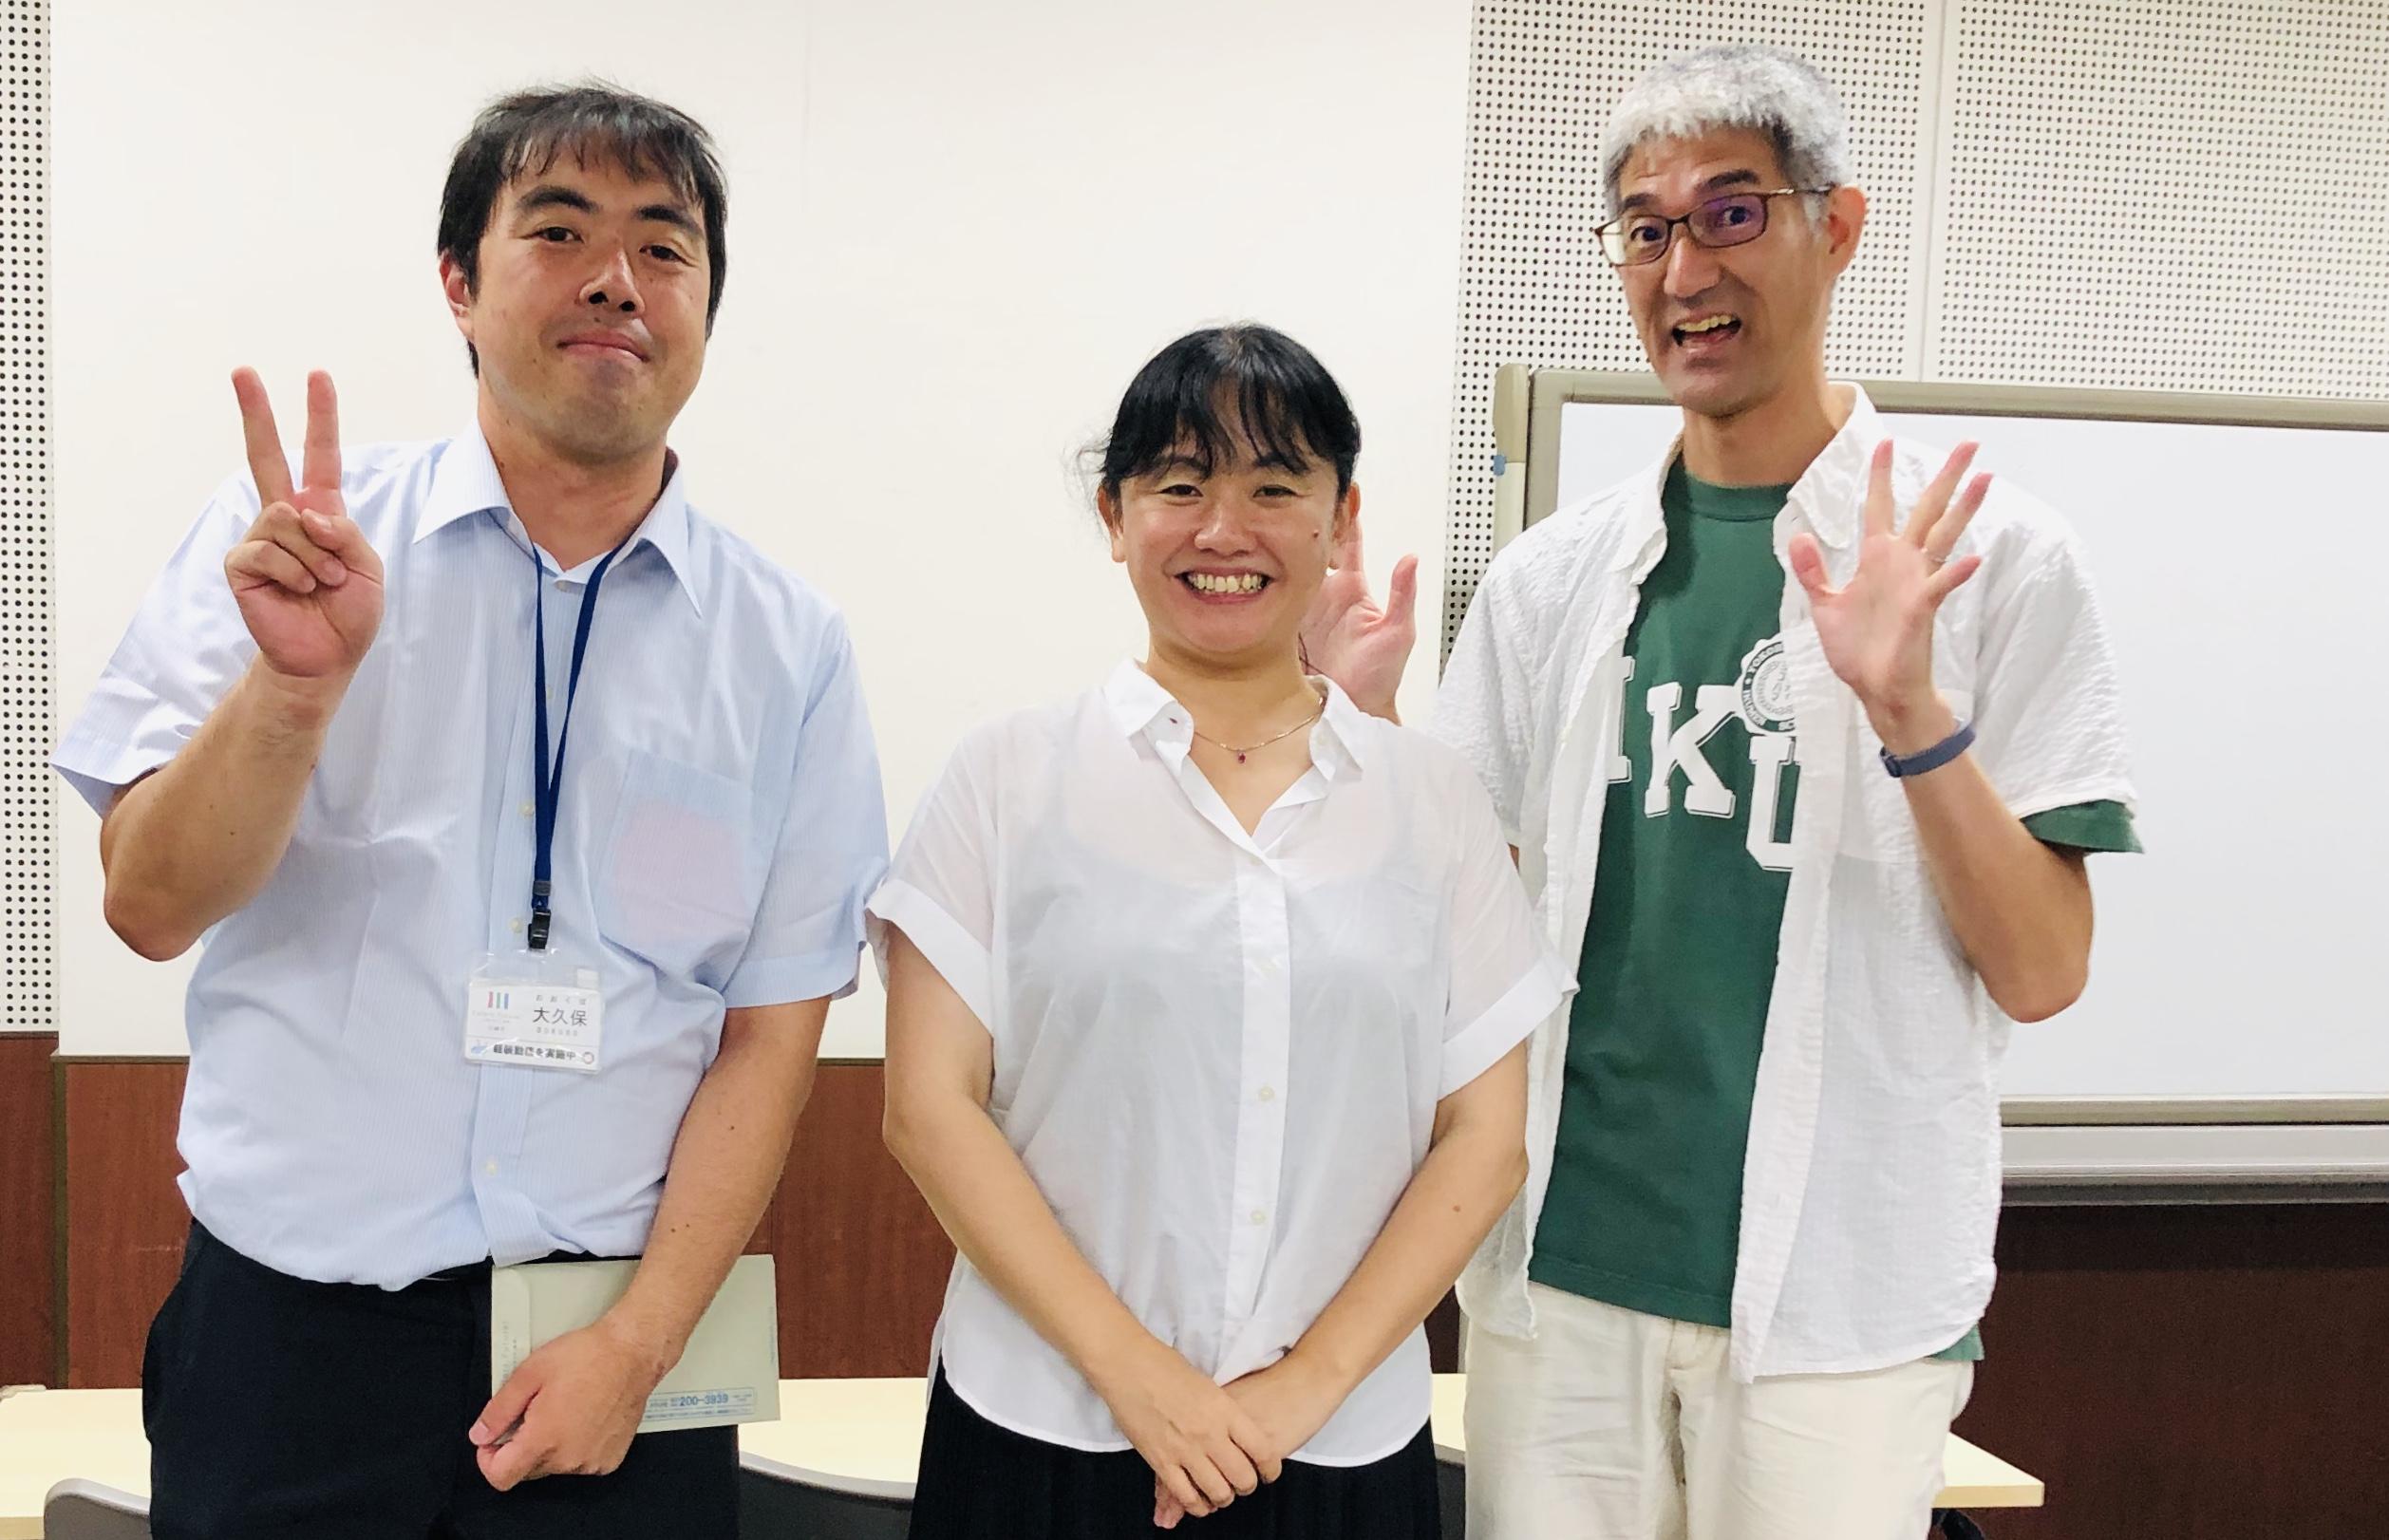 中原市民館イクメンプロデュース講座でチーム講師を組みました。